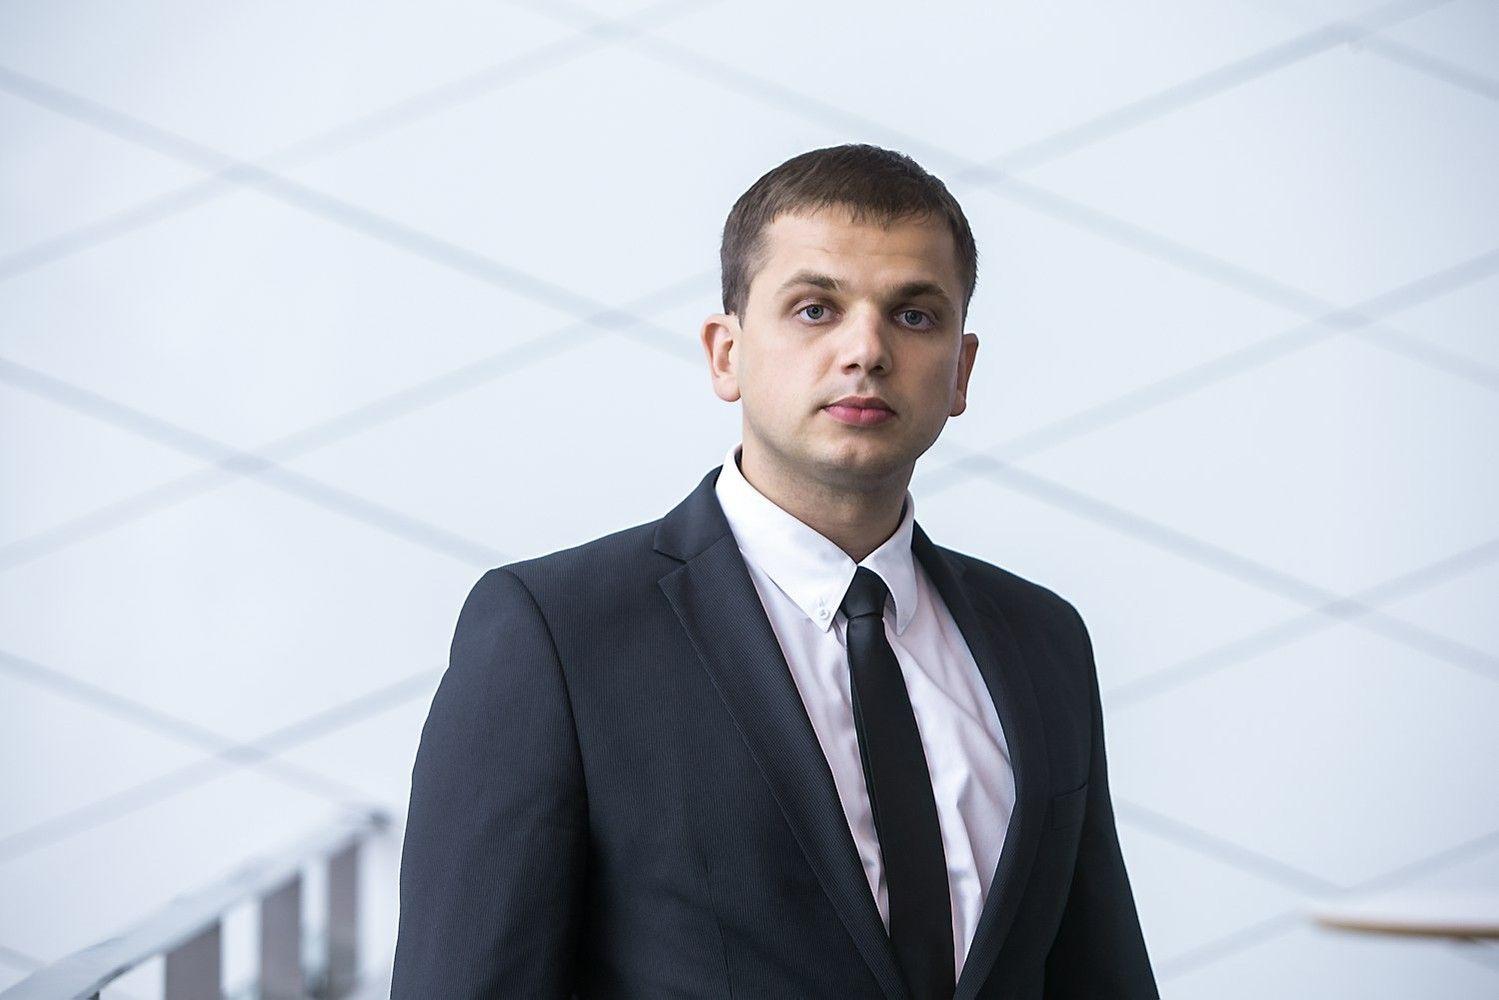 Šiaulių banko akcijos atlaiko spaudimą, liko 9 sesijos išpardavinėti